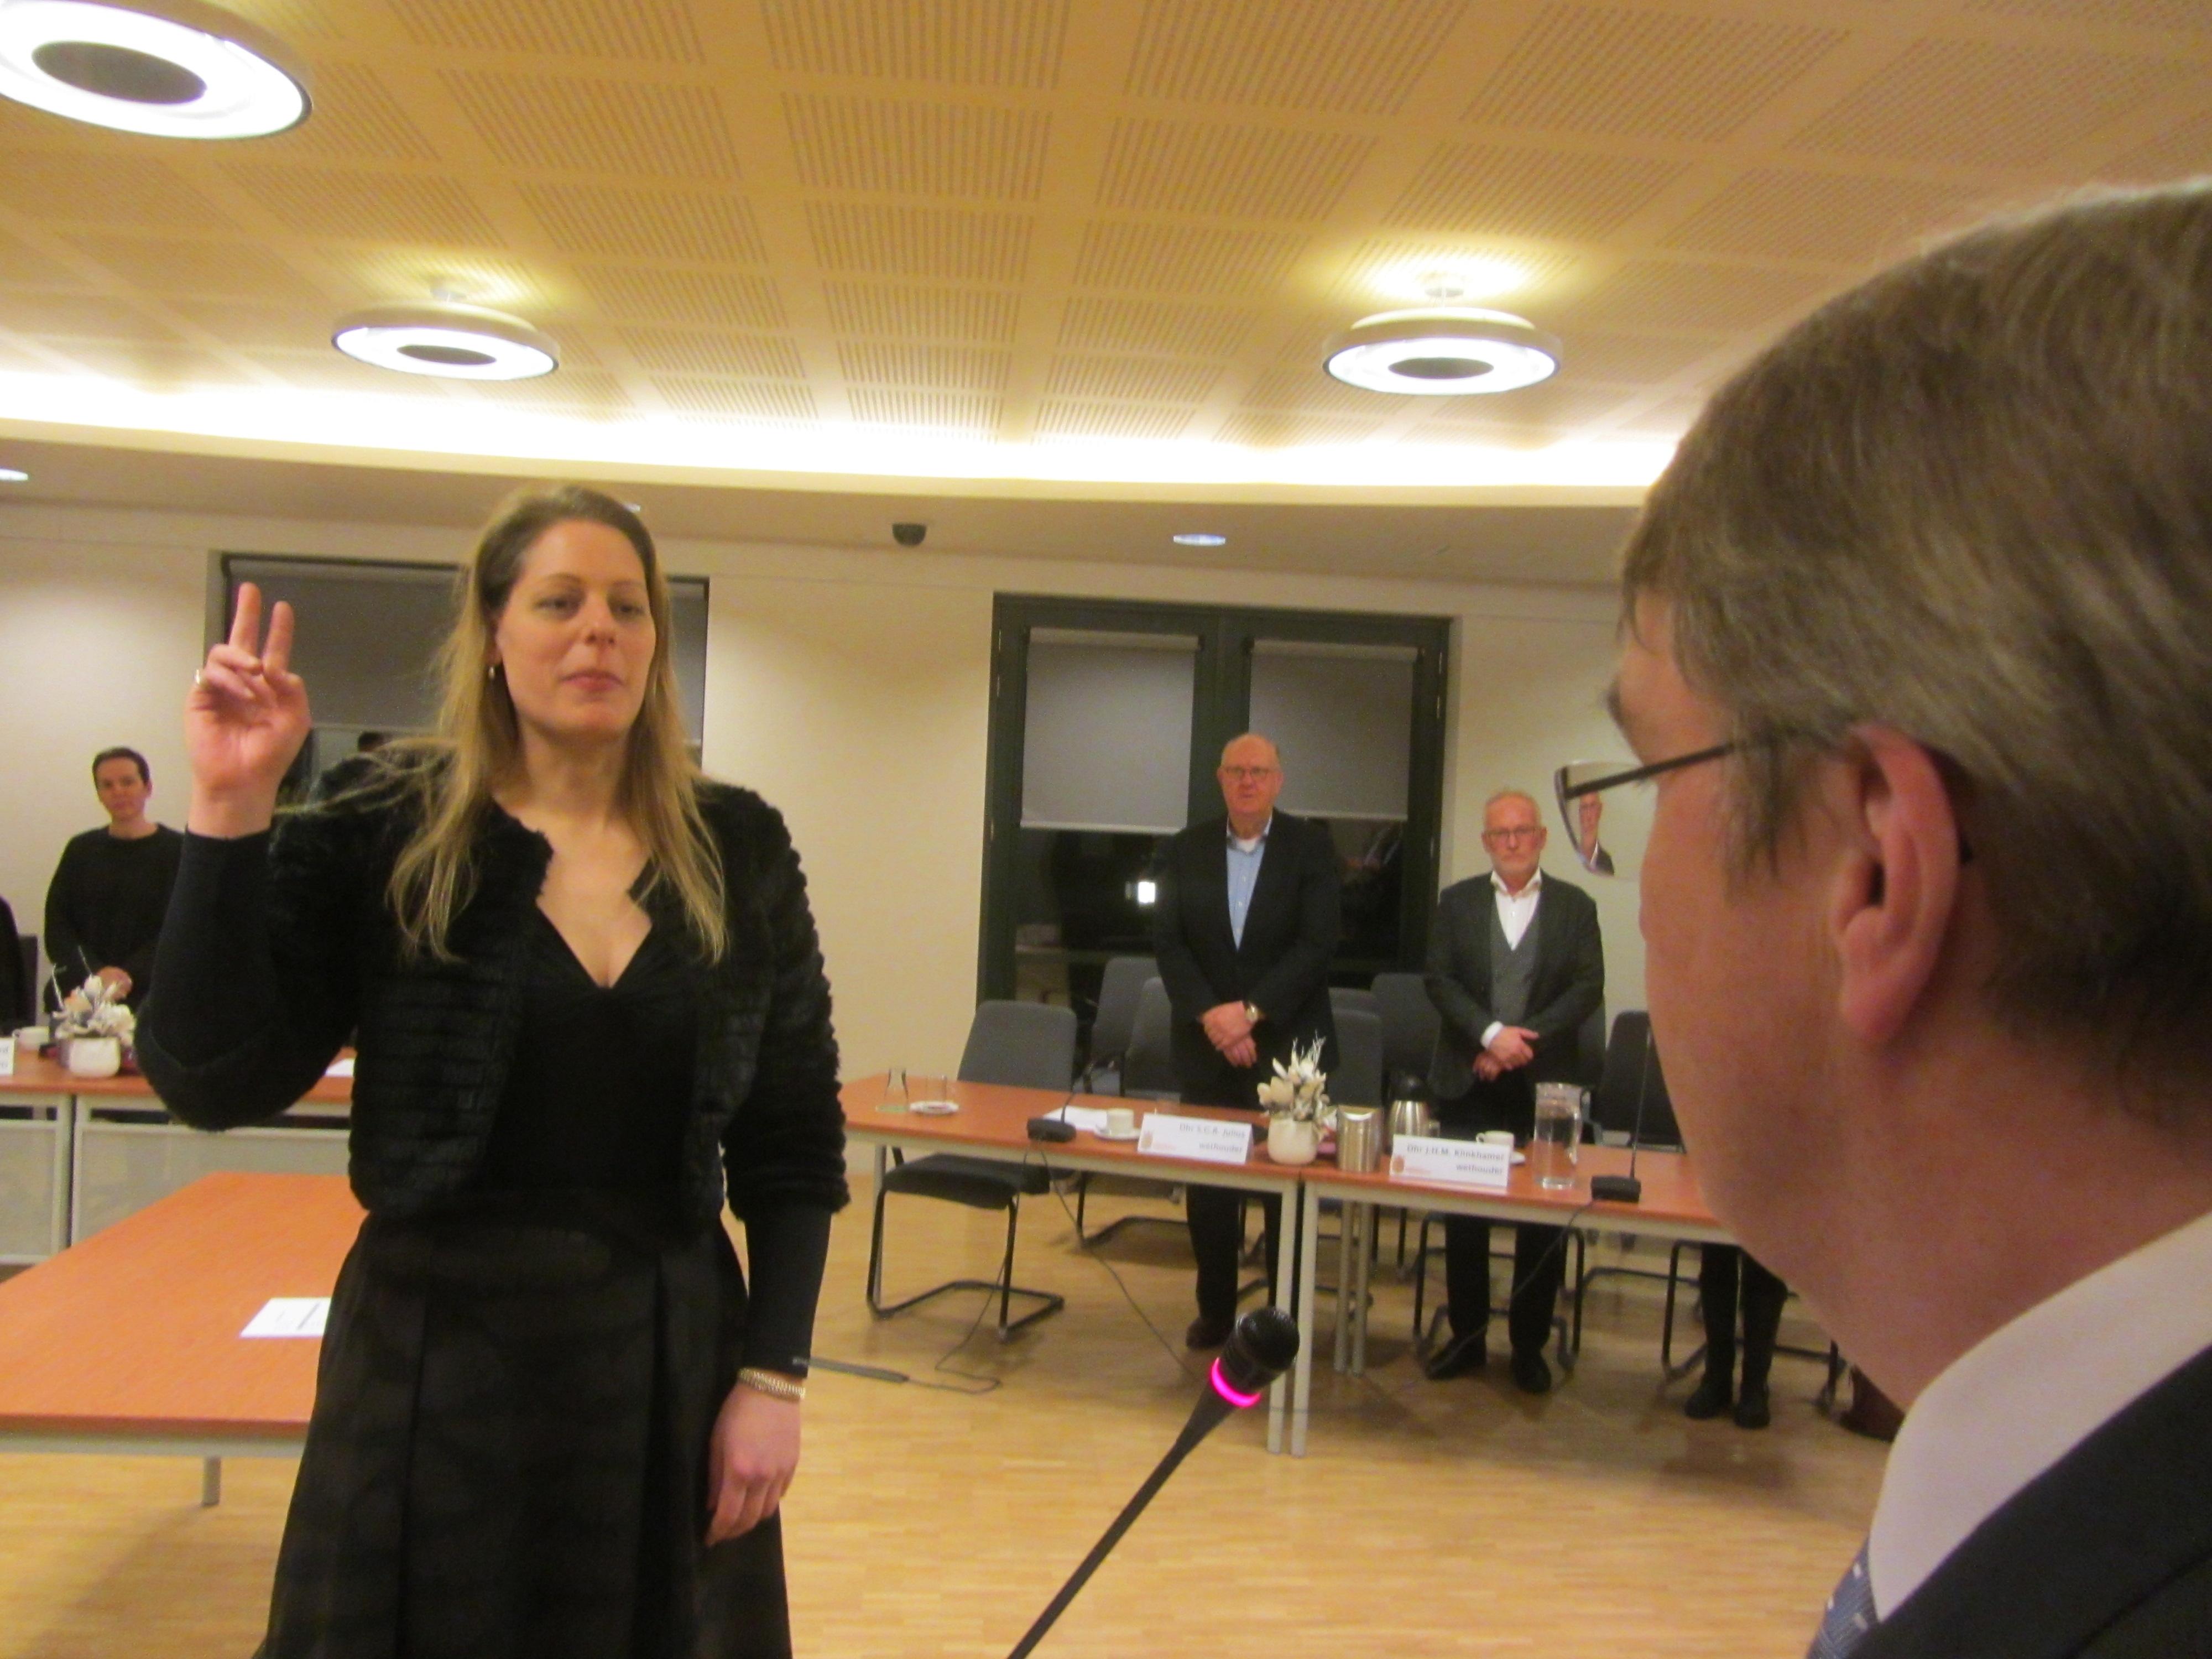 Raadslid Dral en wethouder Dral. (Foto's: JWvD)